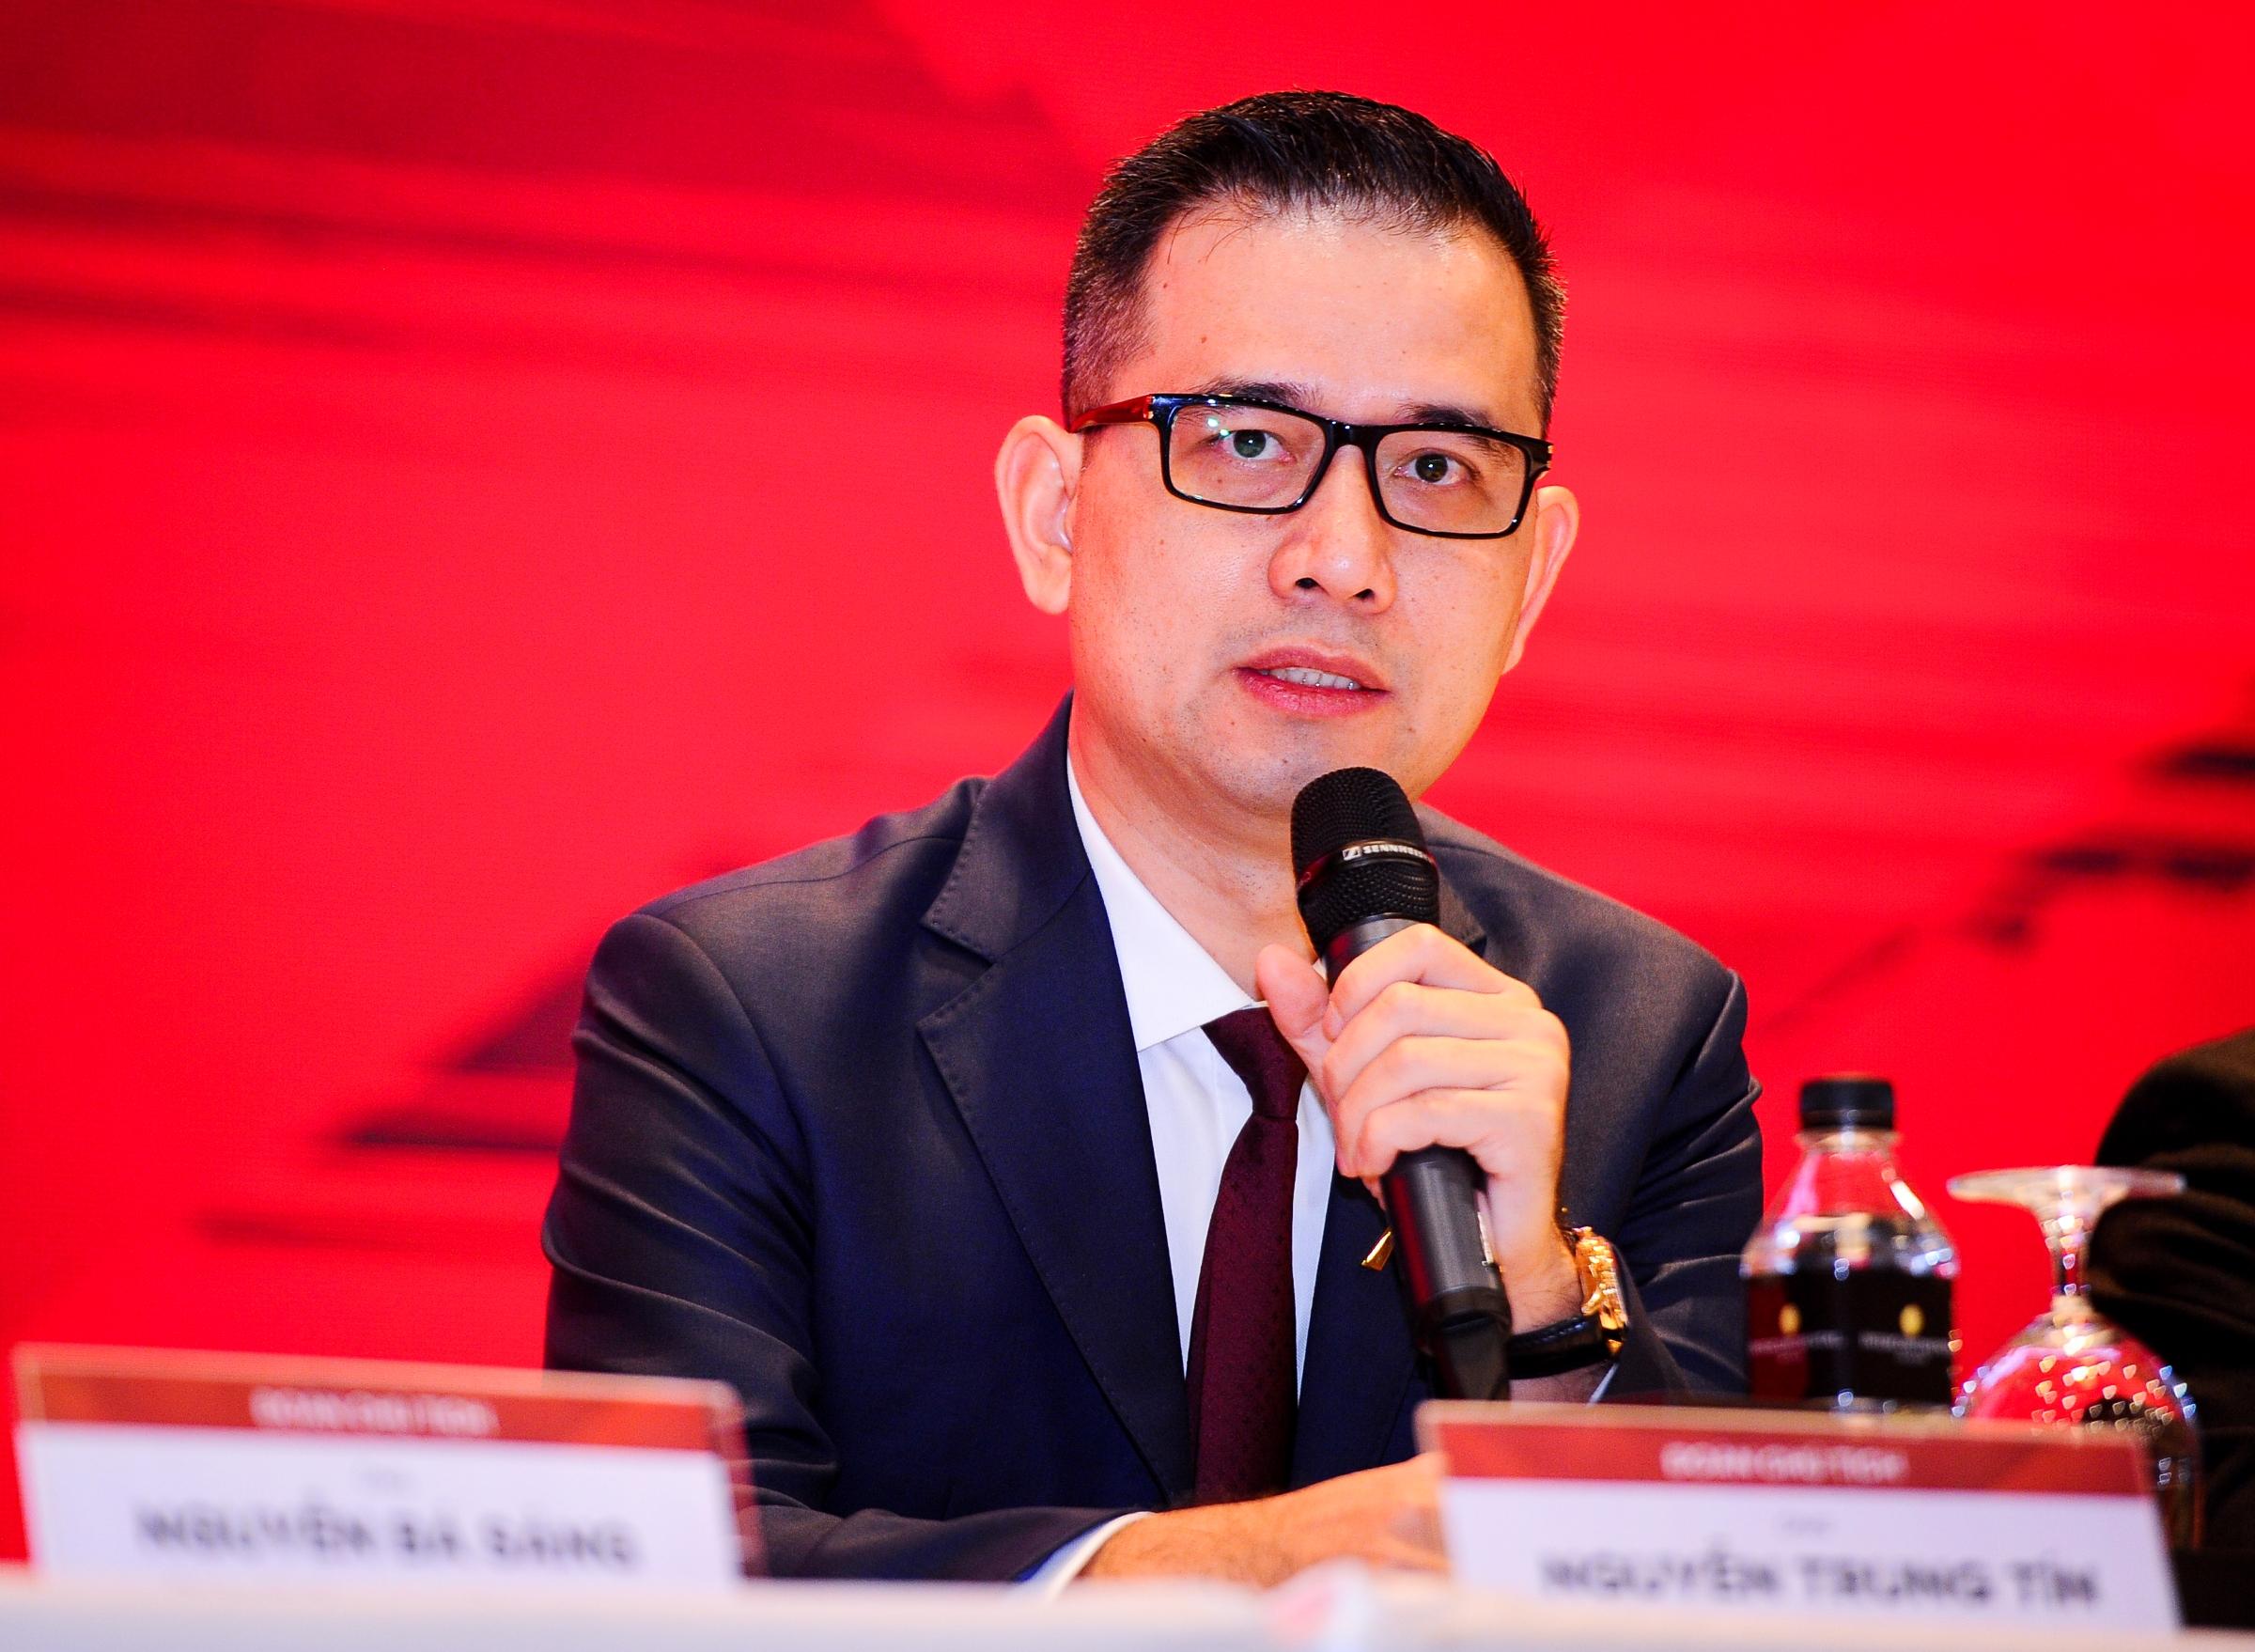 Ông Nguyễn Trung Tín - Phó chủ tịch HĐQT An Gia. Ảnh: An Gia.